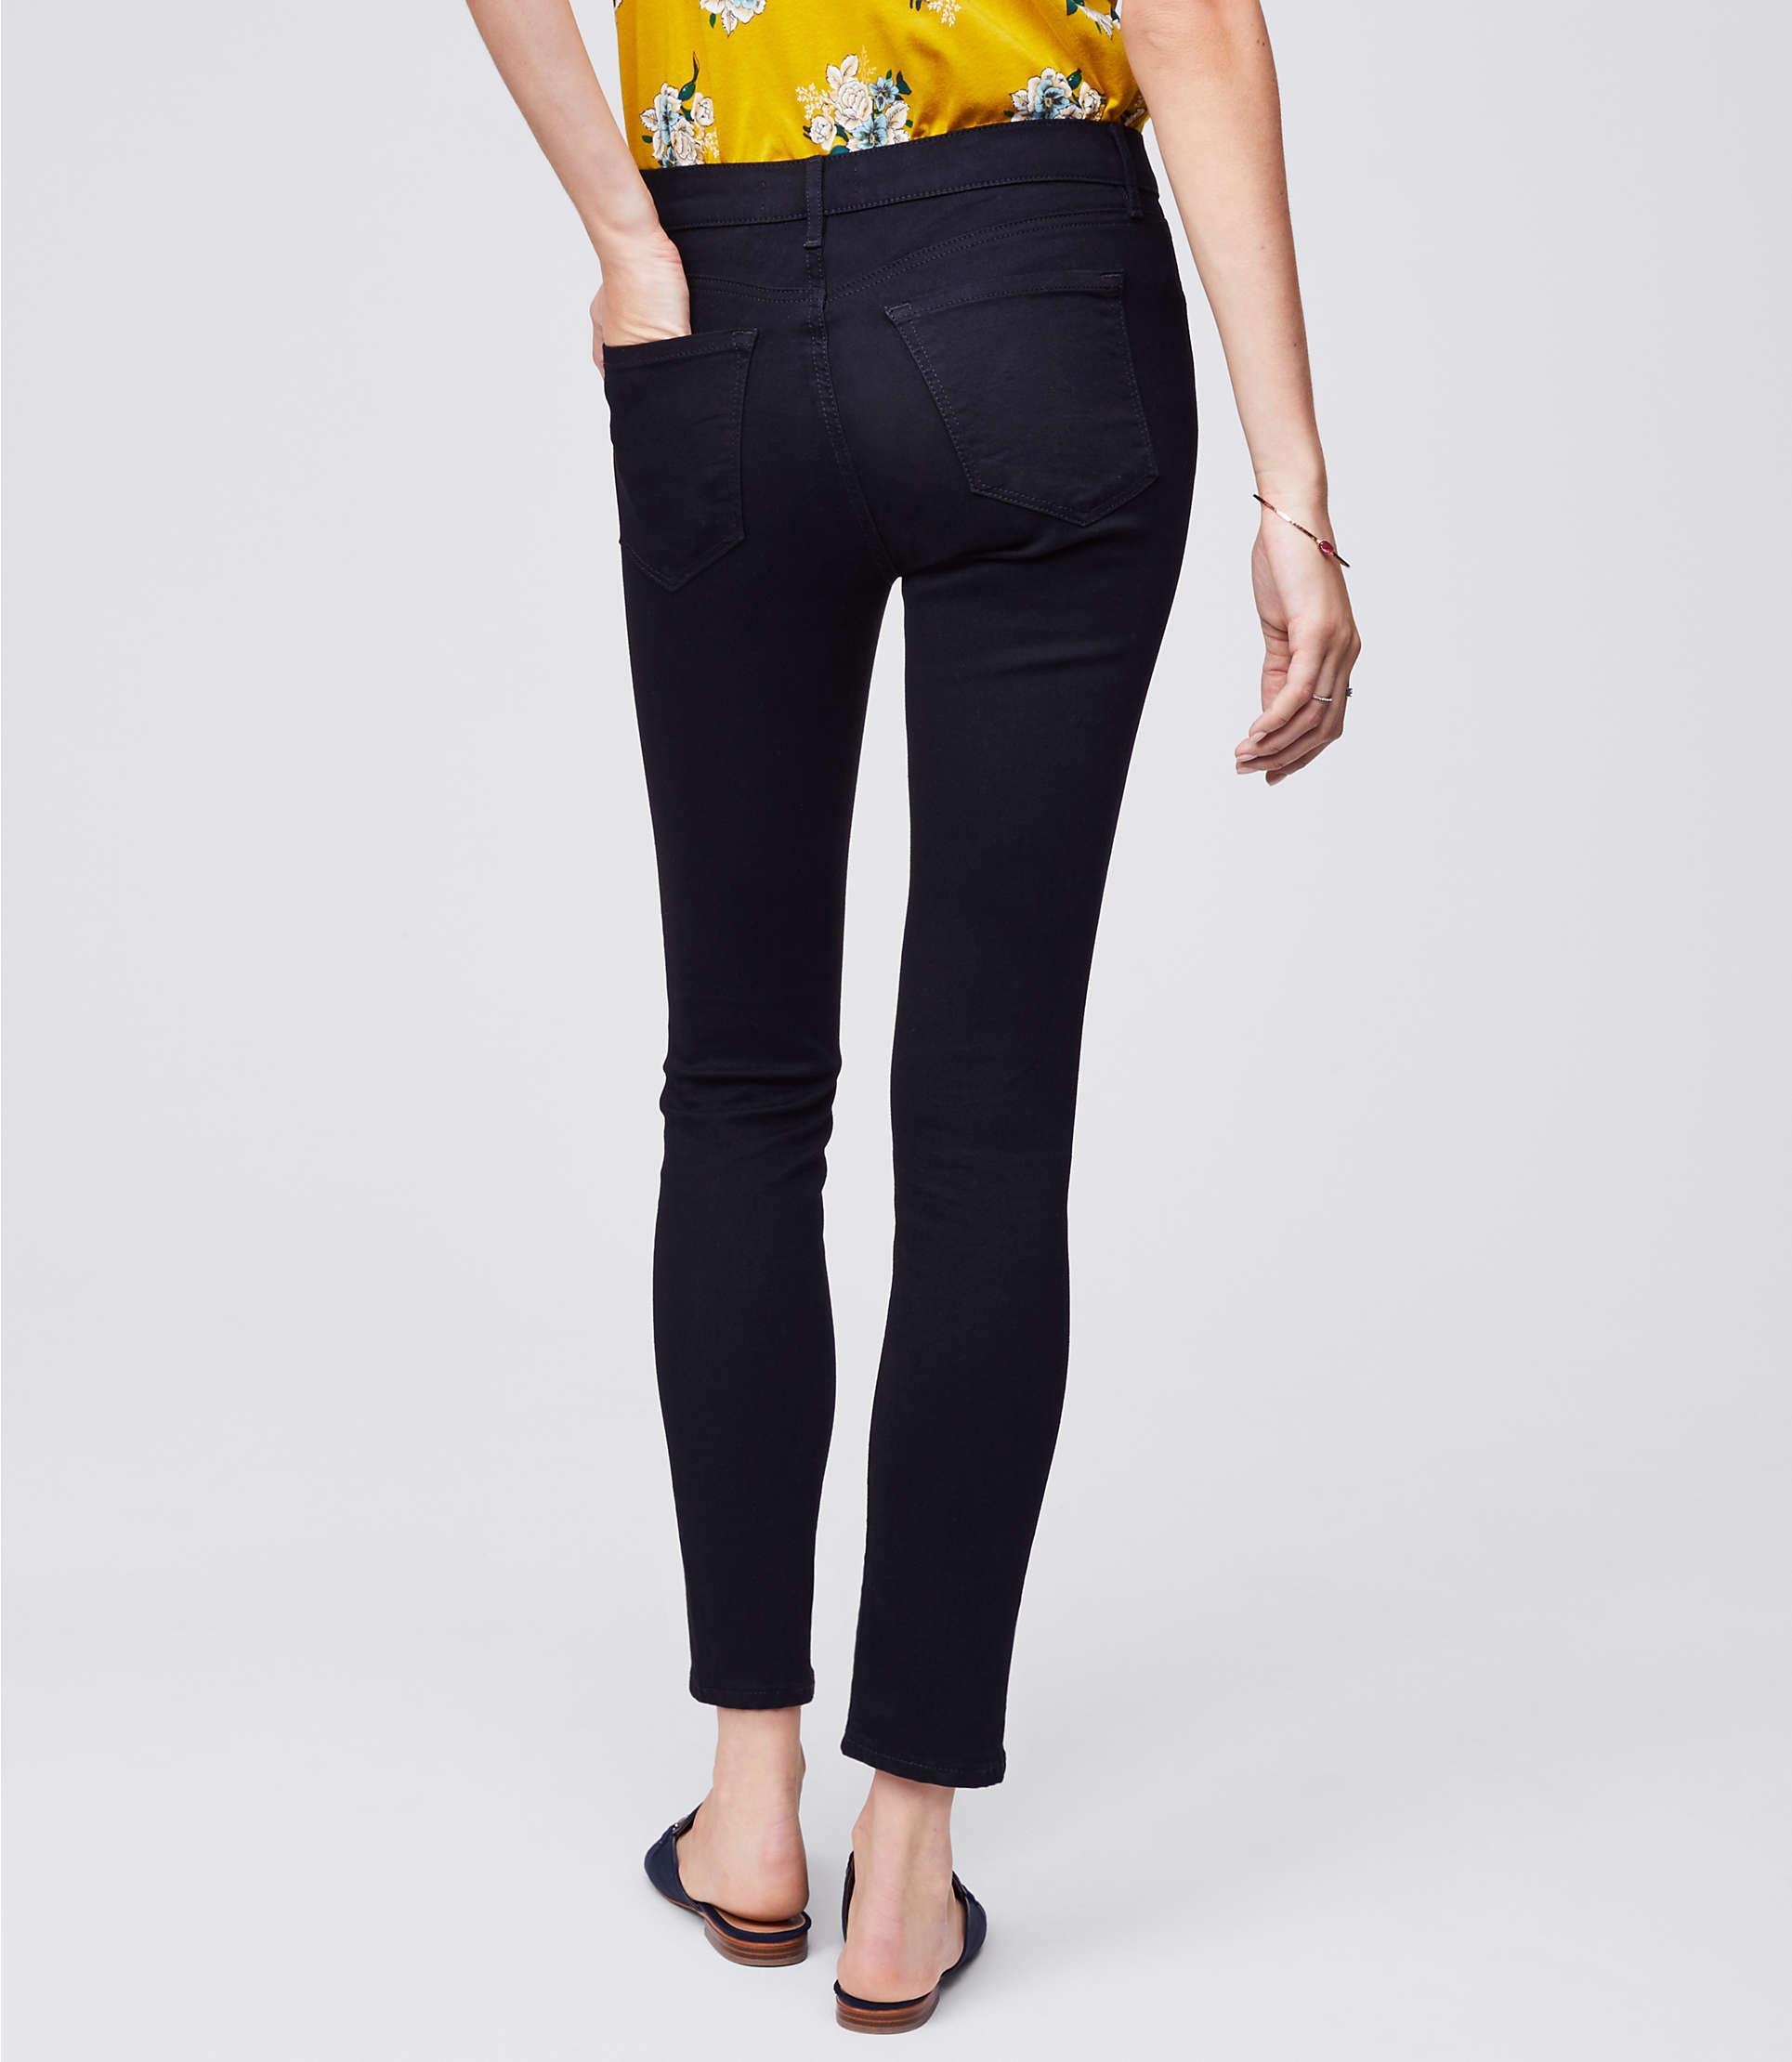 LOFT Denim Skinny Jeans In Black